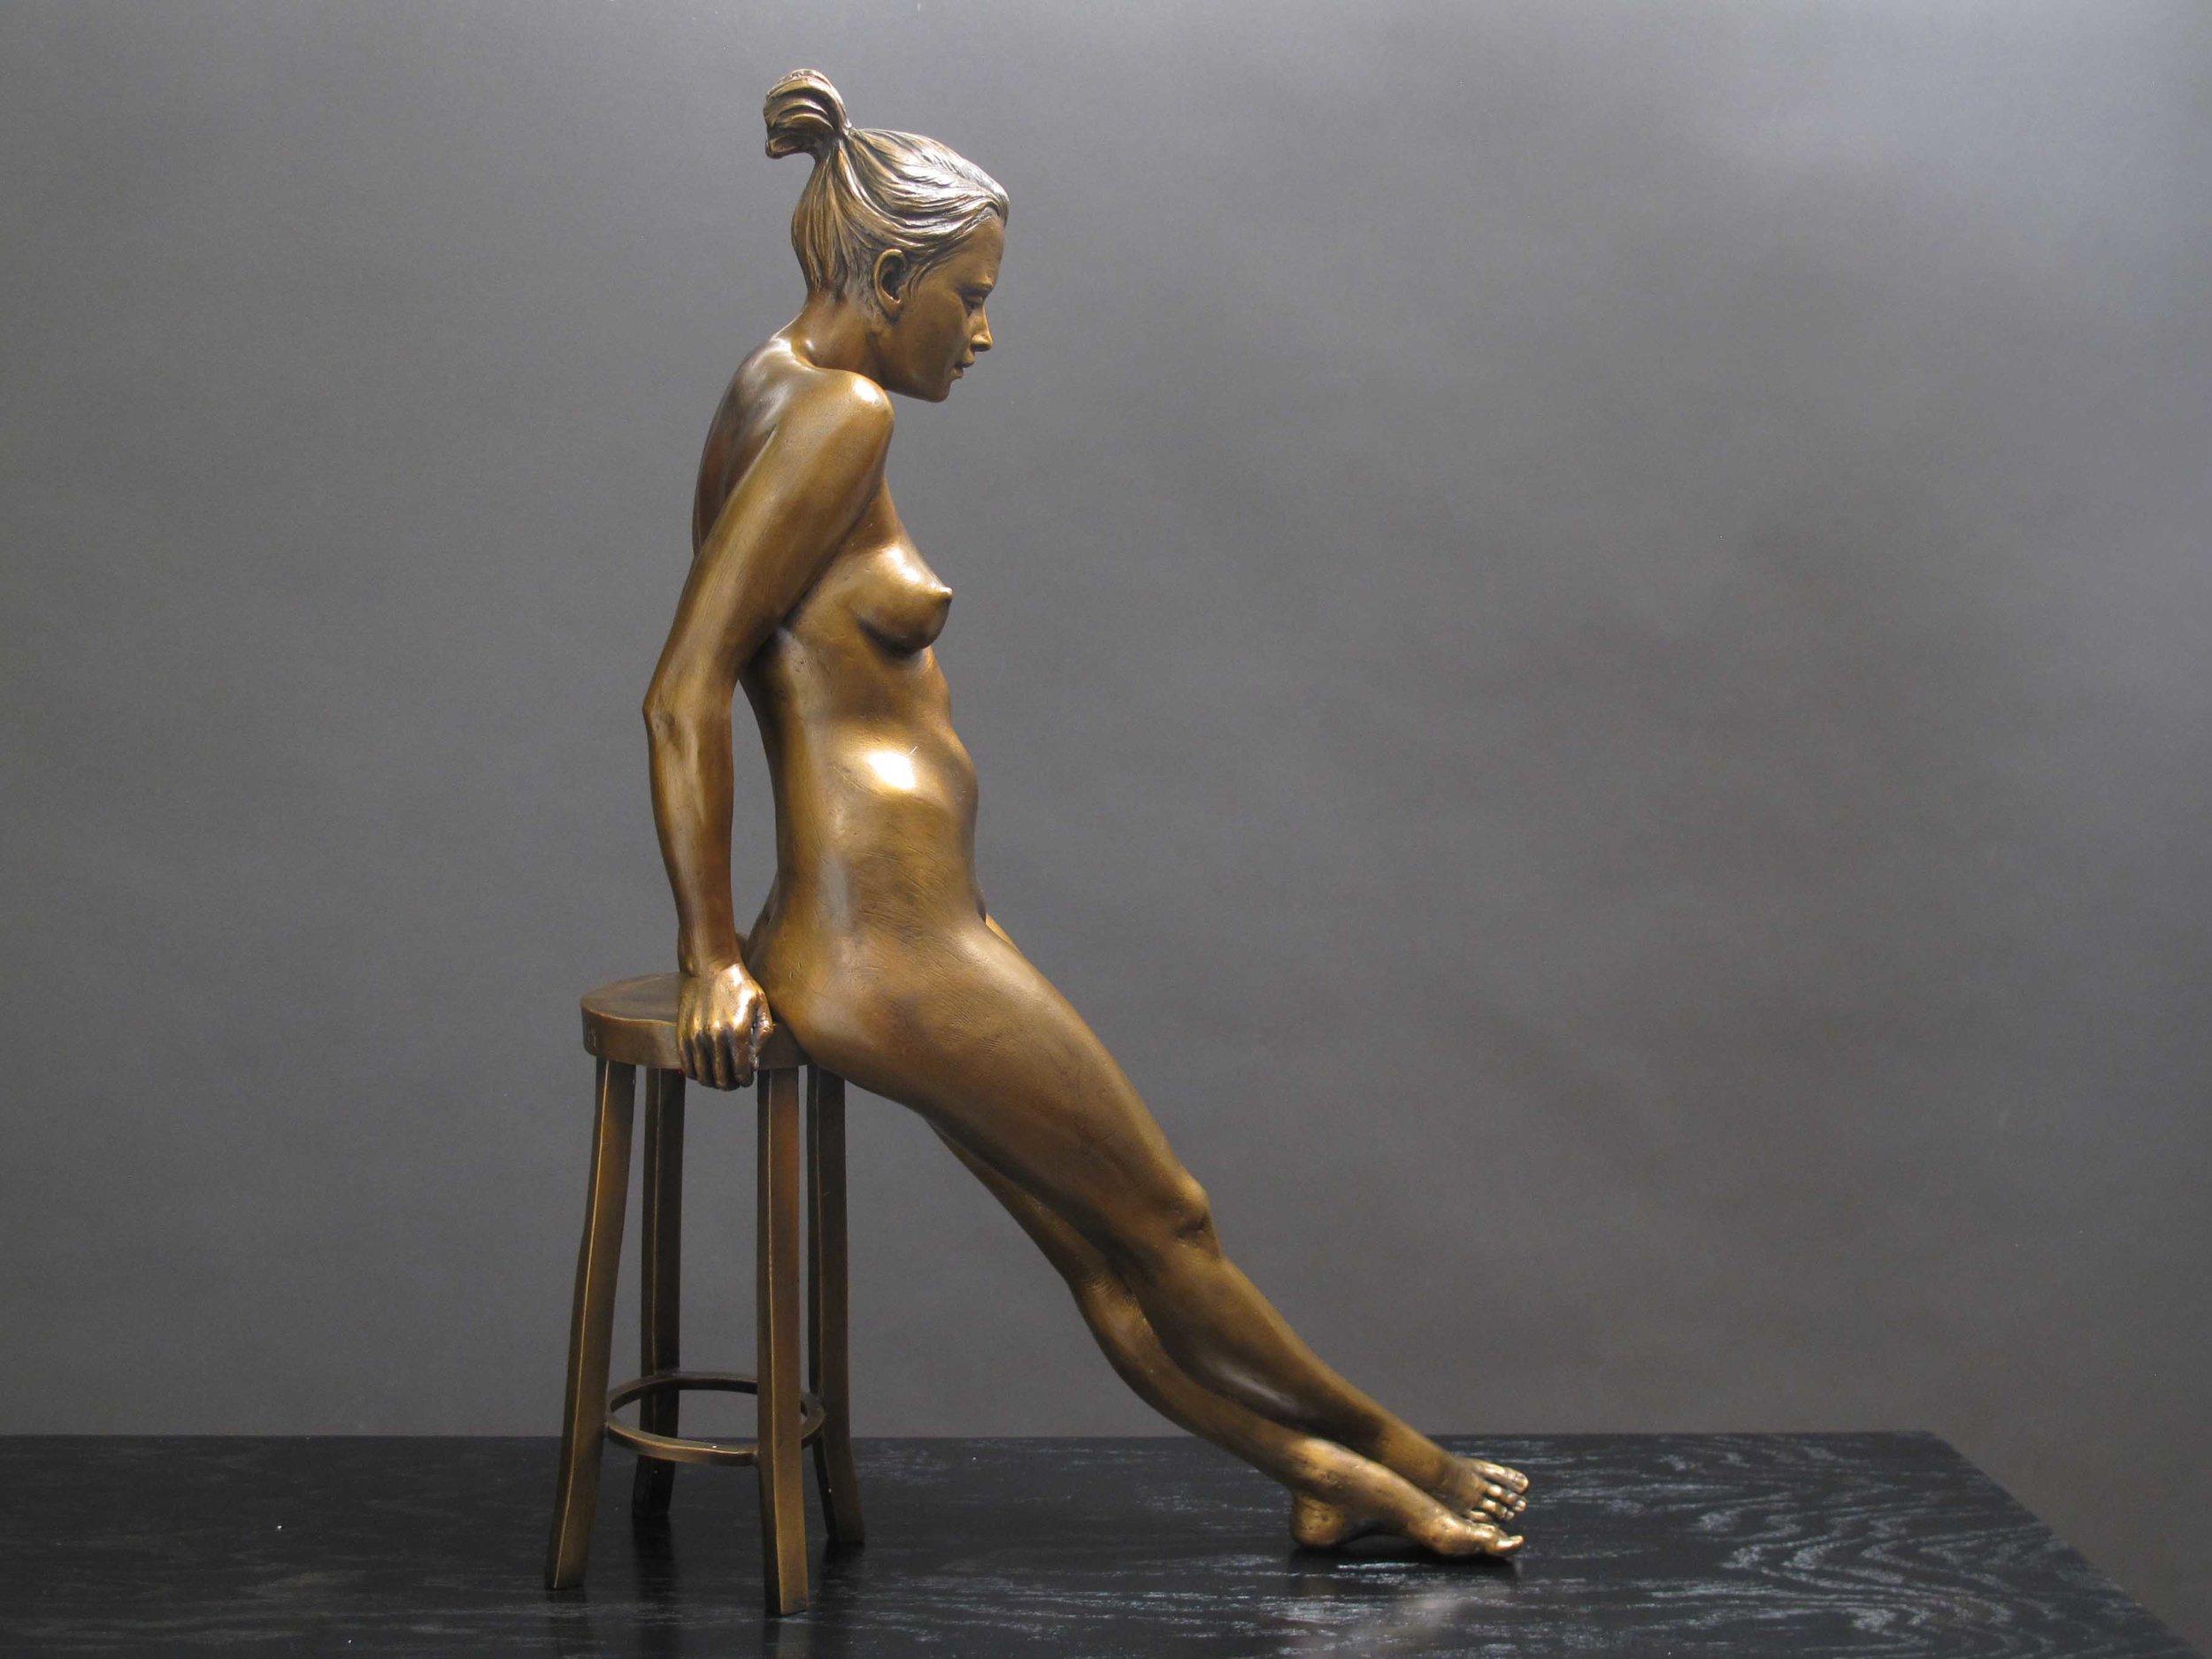 Await  - 18 X 13 X 5 in cast bronze